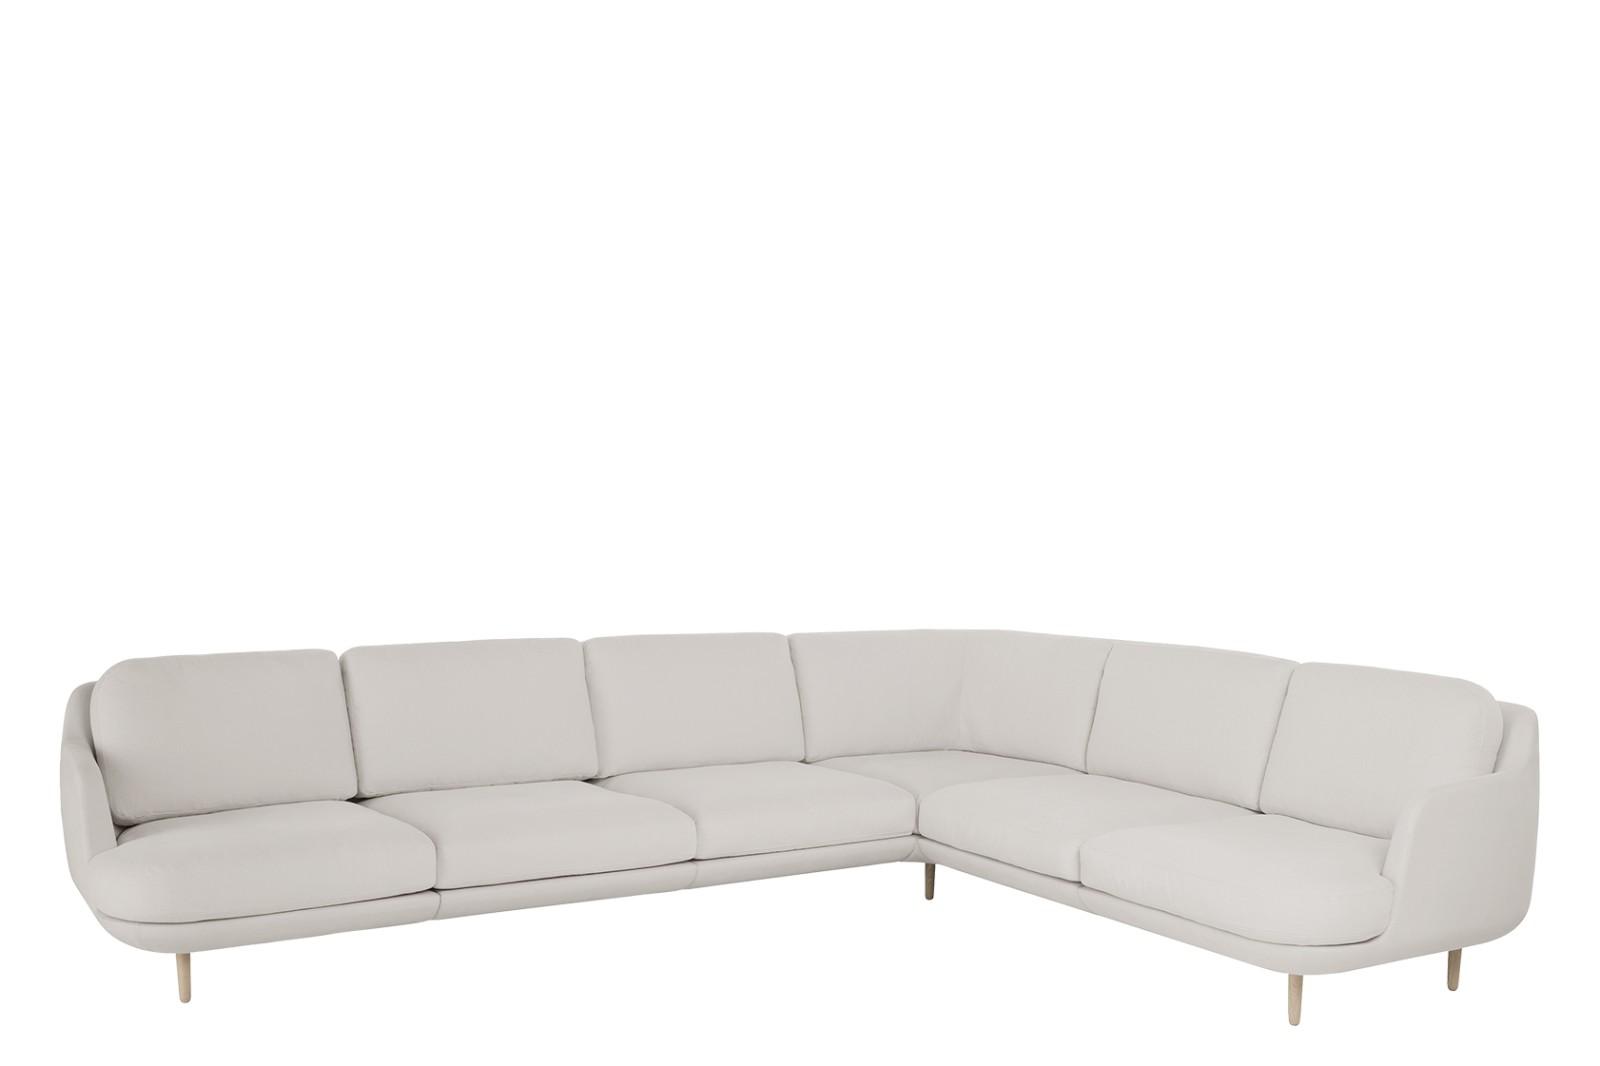 Lune JH610 6-Seater Sofa with Corner Christianshavn Fabric 1110, aluminium